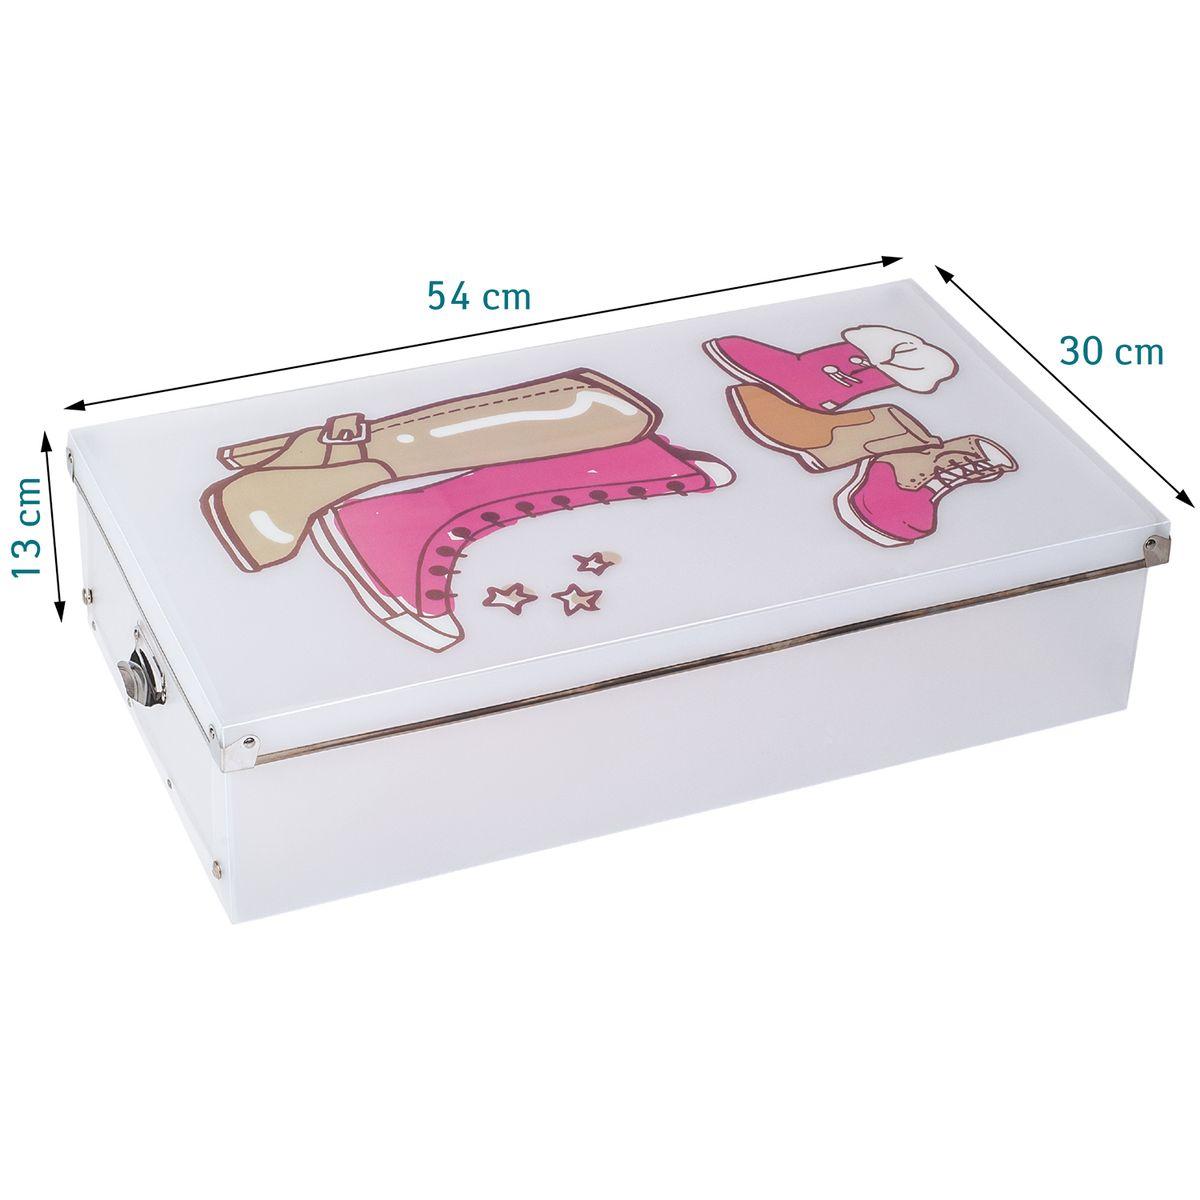 Набор коробок для хранения сапог Tatkraft Thorvald, 3 шт16125Tatkraft Thorvald - это набор, который состоит из 3 пластиковых коробок с металлическими ручками для хранения сапог. Полупрозрачный пластик позволяет легко найти нужную пару, удобная крышка с металлическим краем и усиленными углами. Пластик долговечный, износостойкий, не боящийся влаги и грязи материал, который легко мыть.Можно хранить в сложенном виде, если коробка не используется.